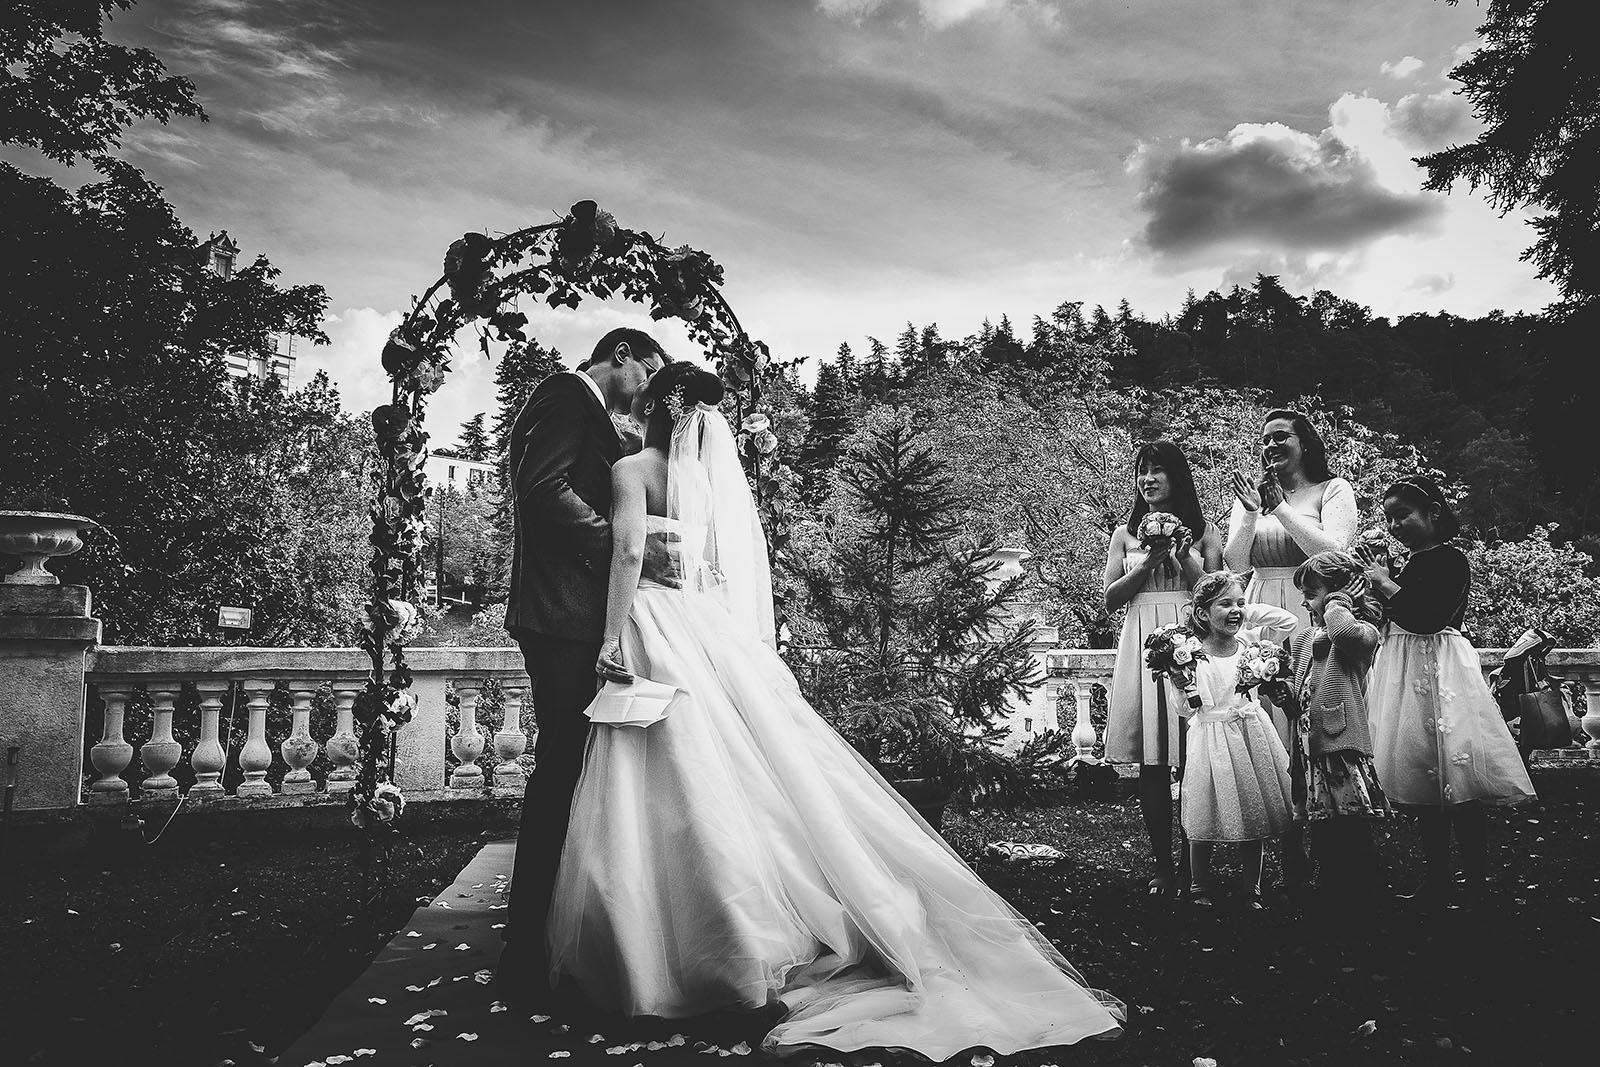 photographe-mariage-clermont-ferrand-chine-beau-laique-emotion-lumiere-magnifique (38)